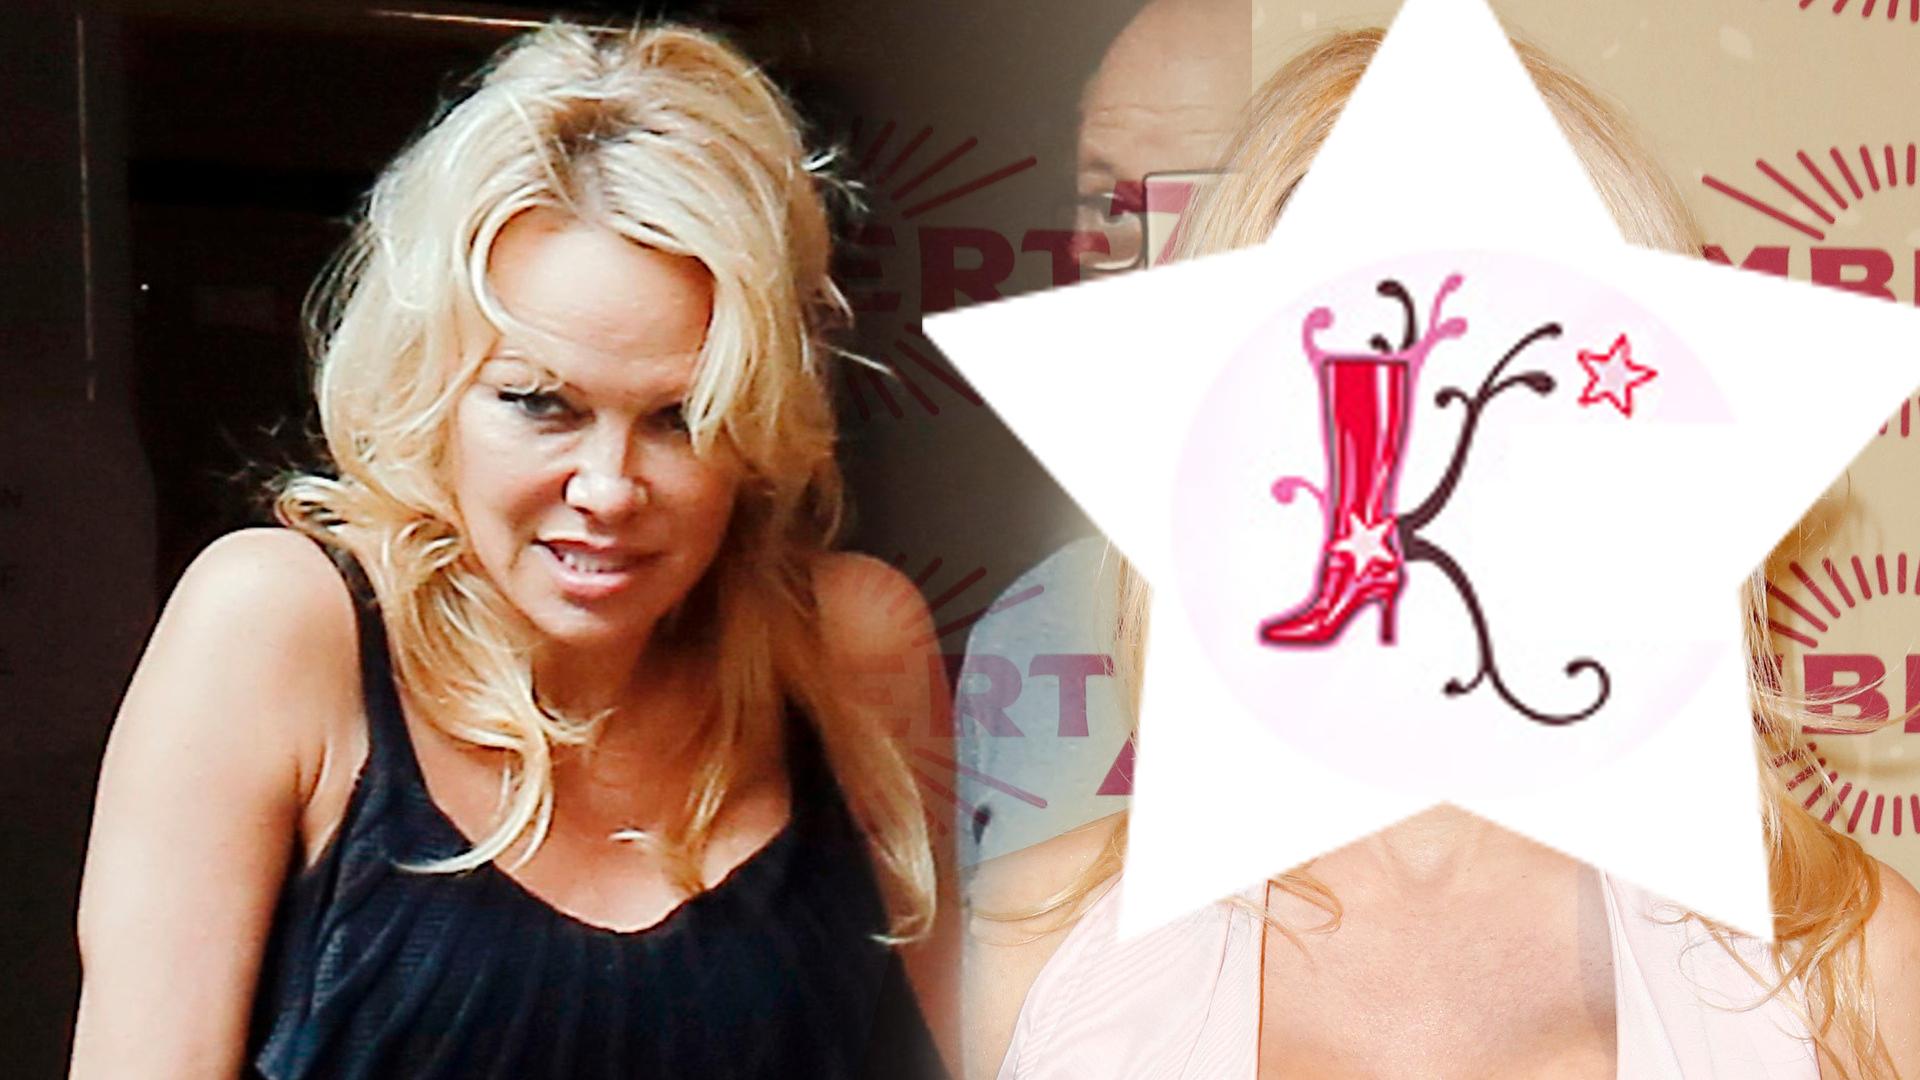 51-letnia Pamela Anderson świeci biustem i nową twarzą na ściance